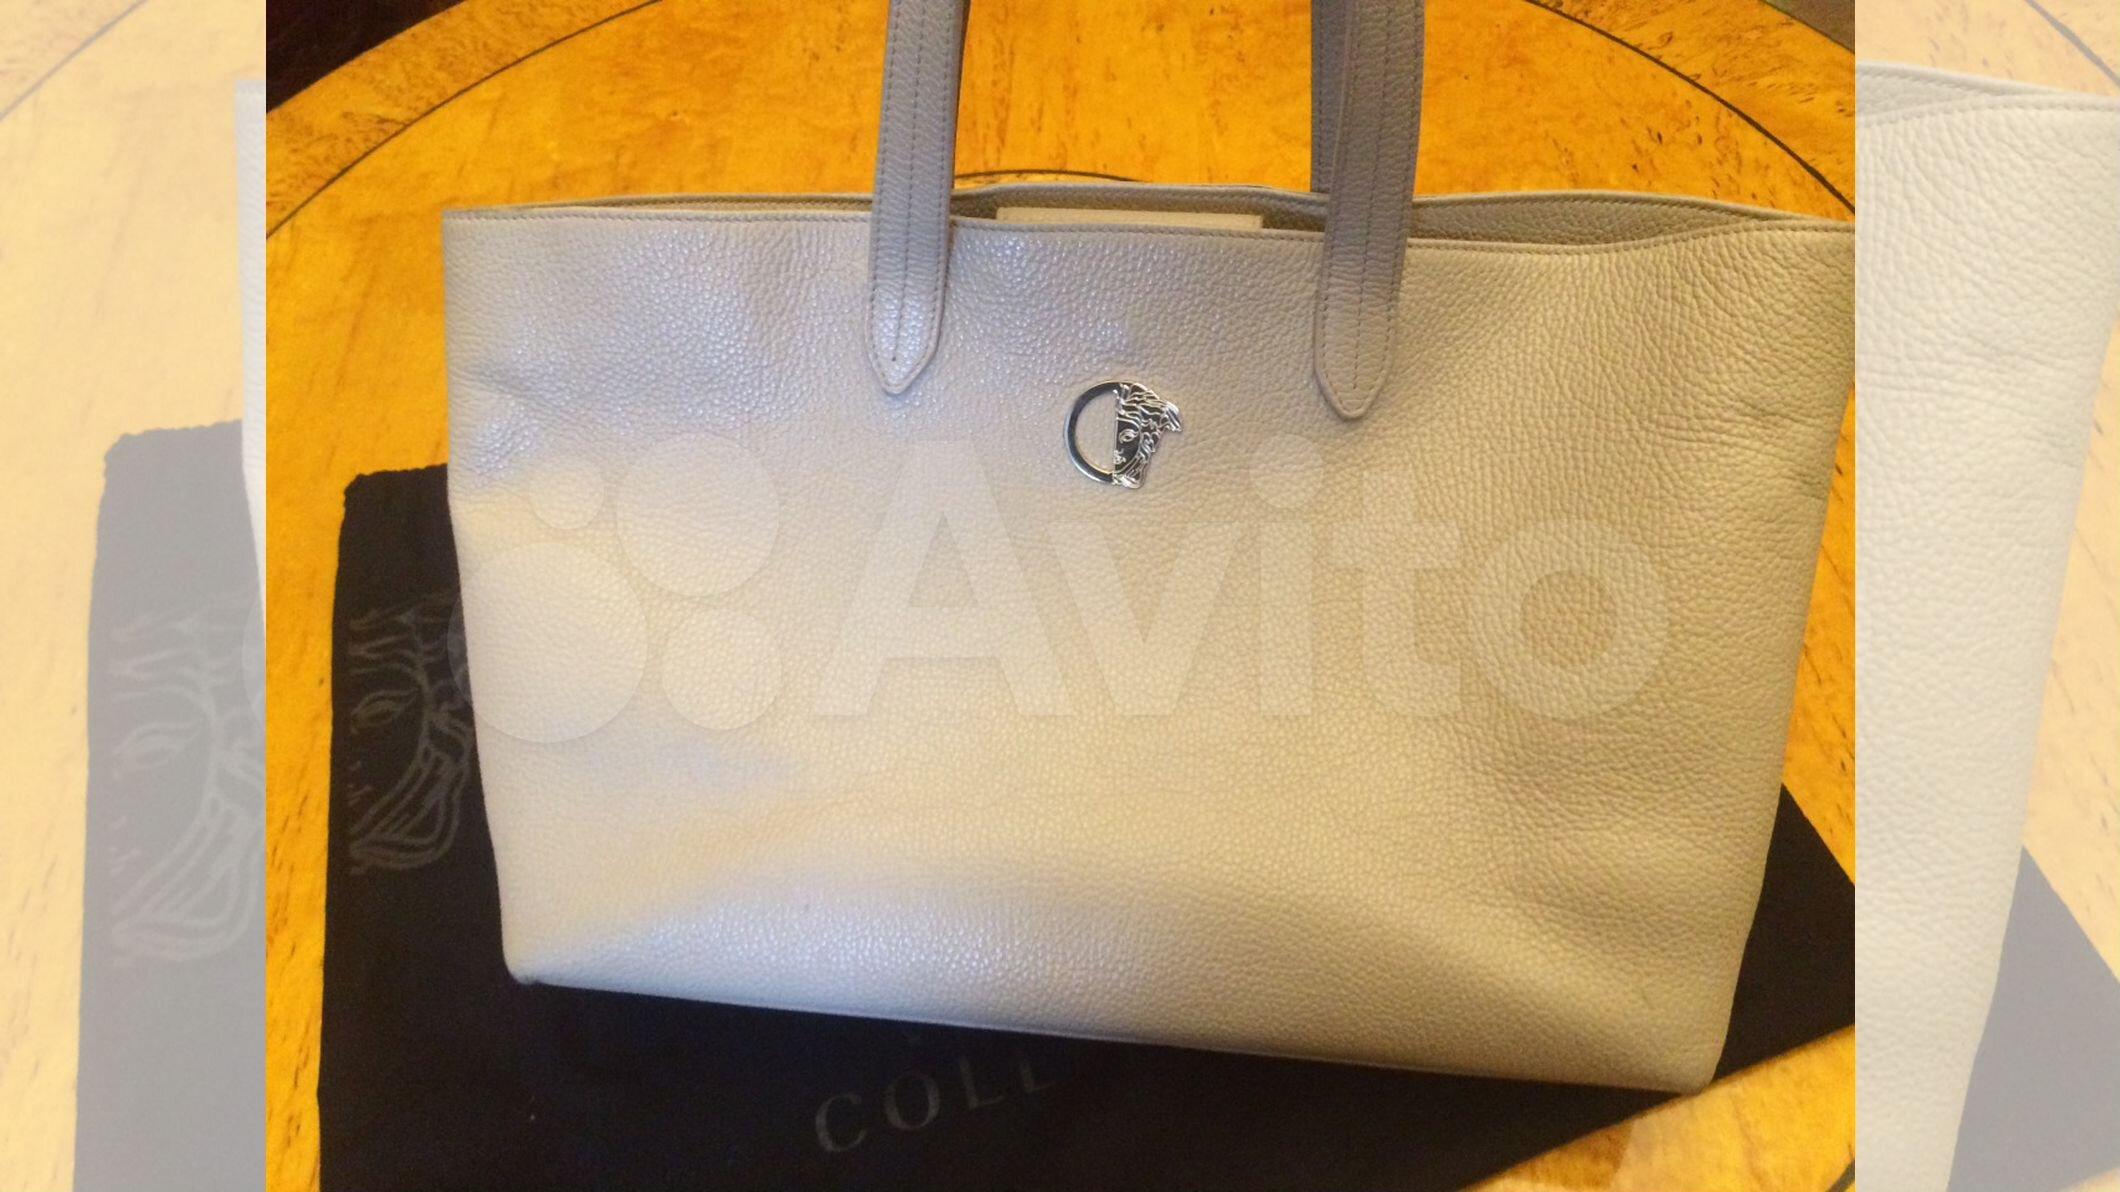 afceec46ede2 Сумка шоппер от Versace кожа оригинал бу беж яя купить в Санкт-Петербурге  на Avito — Объявления на сайте Авито